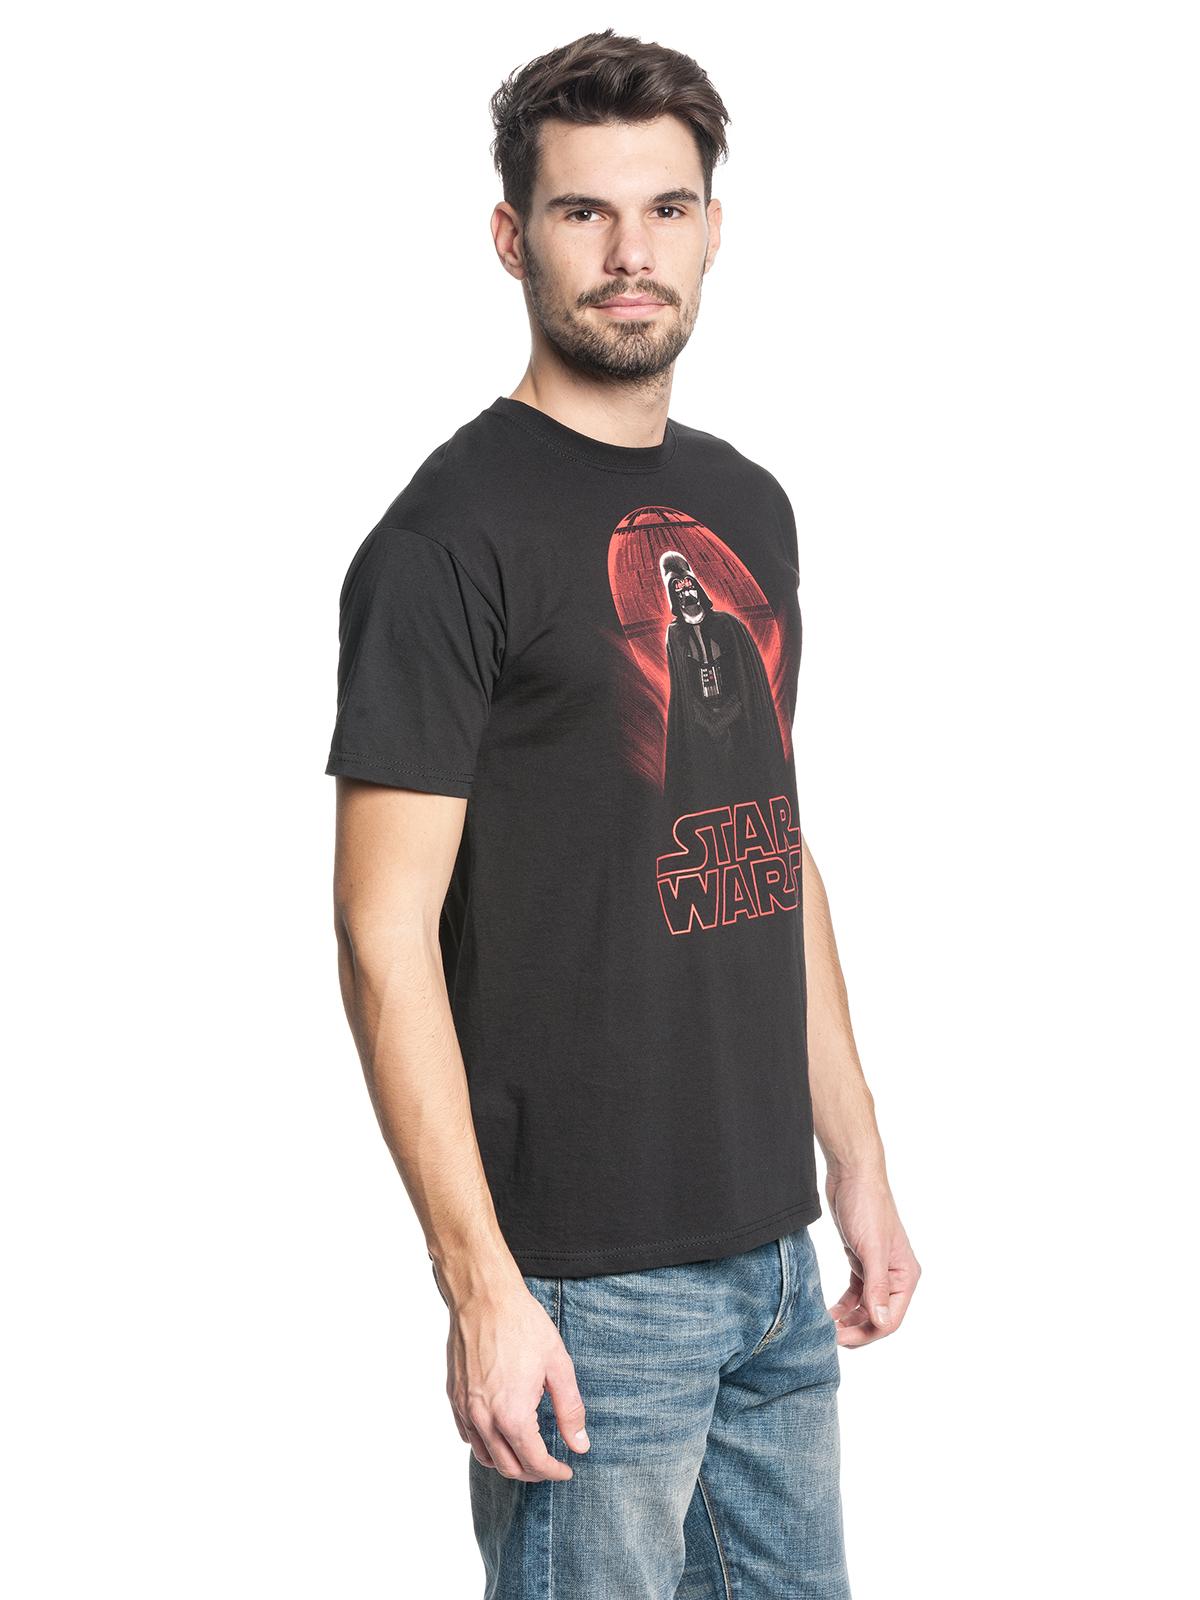 star wars darth vader death star male t shirt black men. Black Bedroom Furniture Sets. Home Design Ideas